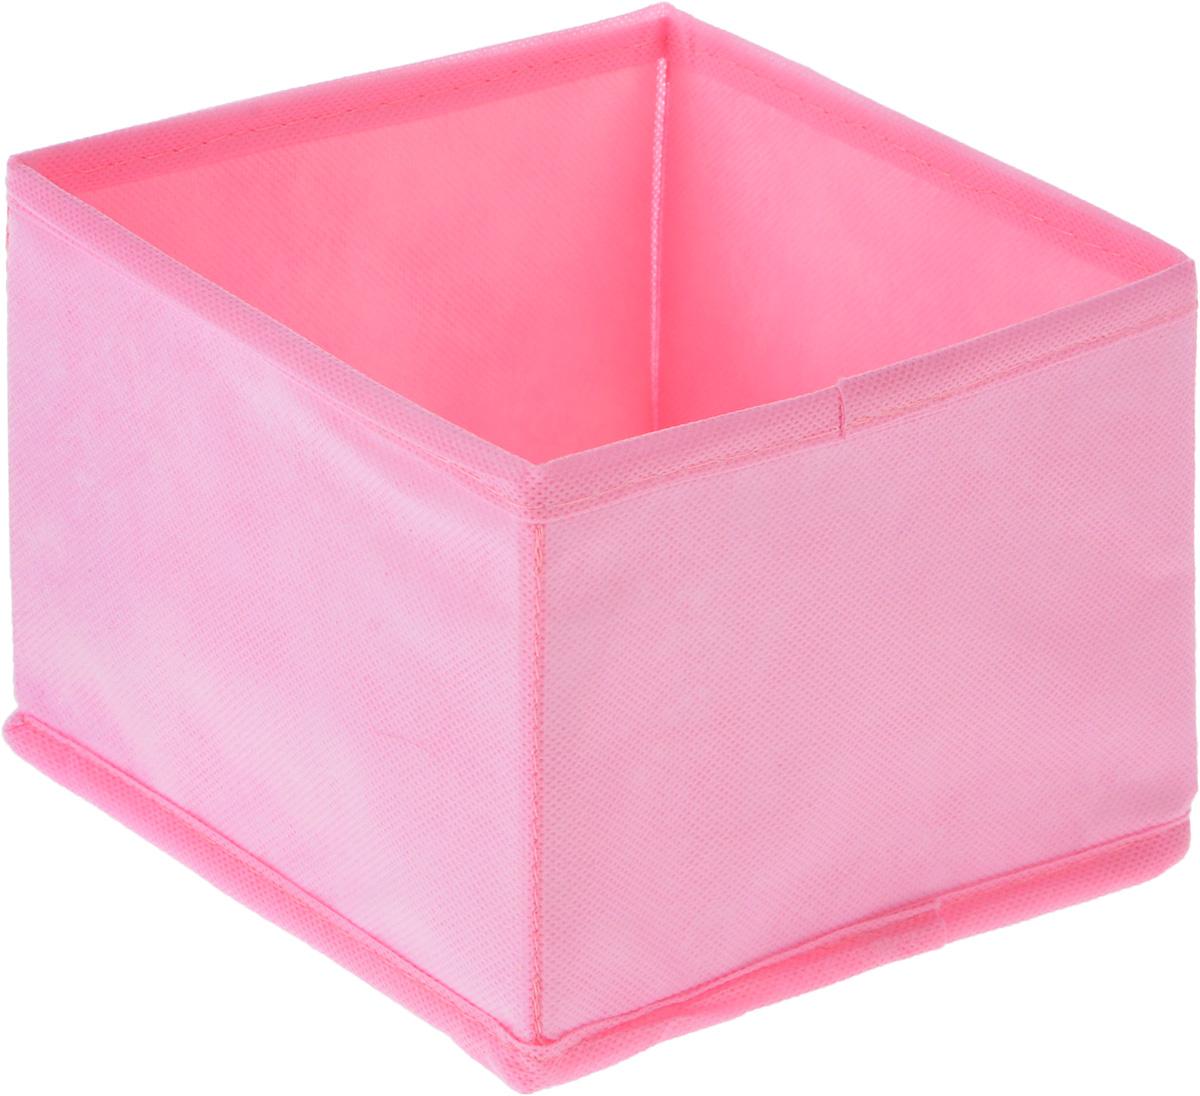 Органайзер Все на местах Minimalistic, цвет: розовый, 15 х 15 х 11 см1014058.Органайзер Все на местах Minimalistic поможет удобно хранить вещи. Изделие выполнено из высококачественного нетканого материала, который обеспечивает естественную вентиляцию, позволяя воздуху проникать внутрь, но не пропускает пыль. Вставки из ПВХ хорошо держат форму. Изделие содержит одну большую секцию. Органайзер легко раскладывается и складывается.Оригинальный дизайн придется по вкусу ценителям эстетичного хранения. Размер органайзера в разложенном виде: 15 х 15 х 11 см.